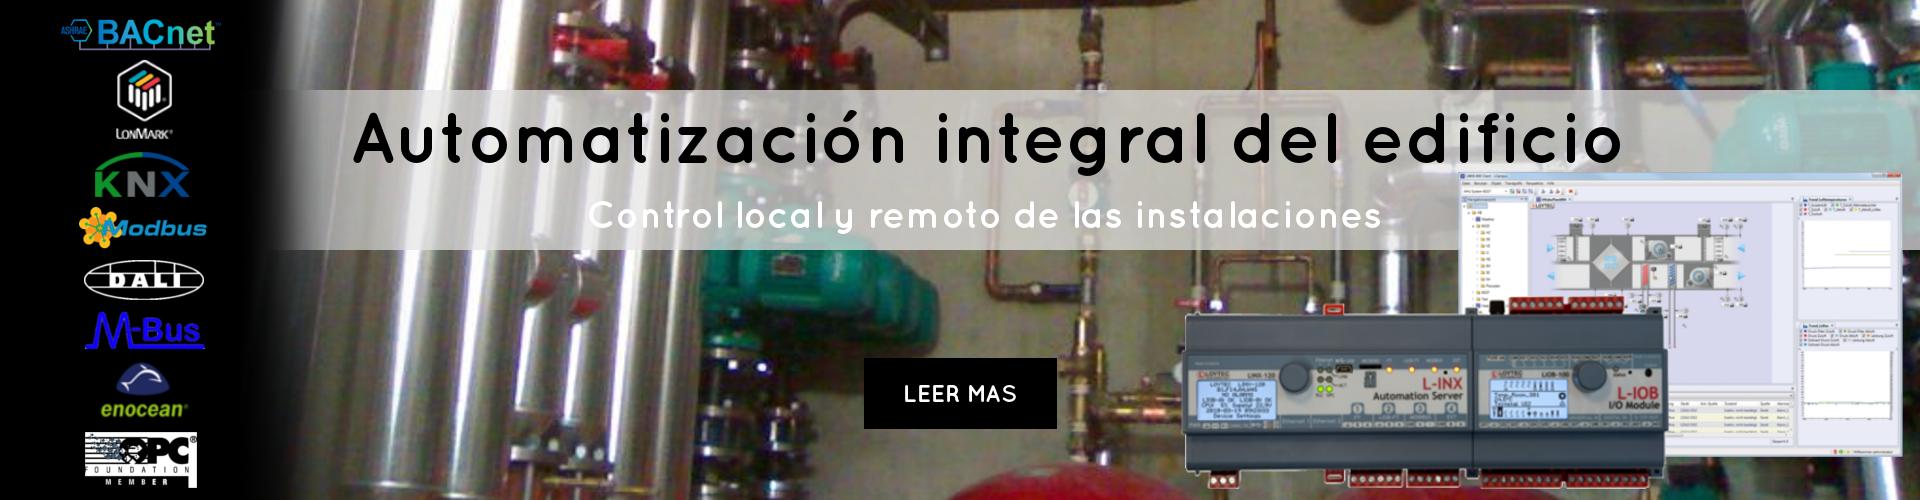 automatizacion integral del edificio control local y remoto de instalaciones